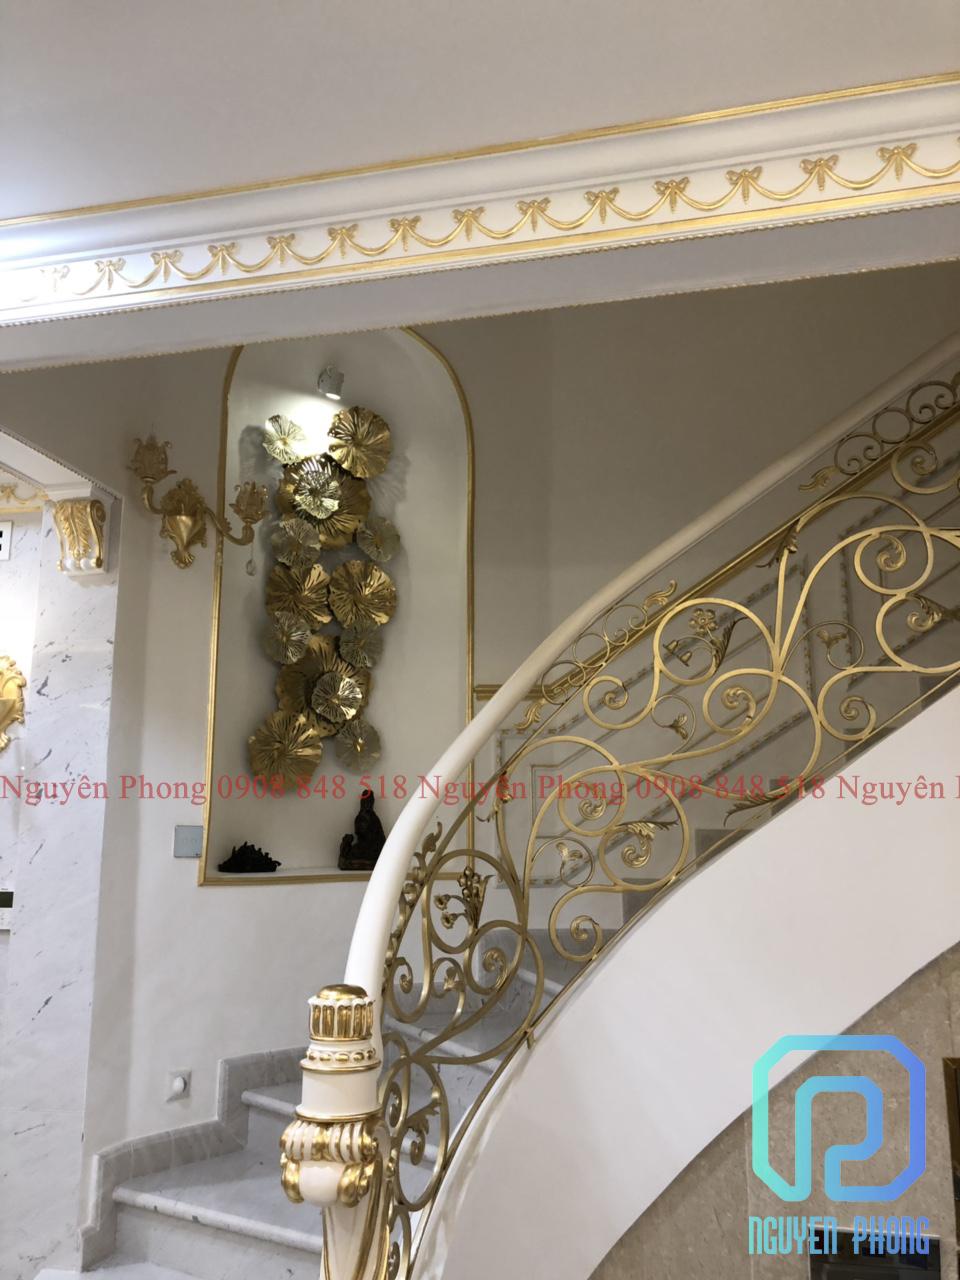 Chuyên thiết kế, gia công, thi công cầu thang sắt uốn mỹ thuật HCM, Bình Phước